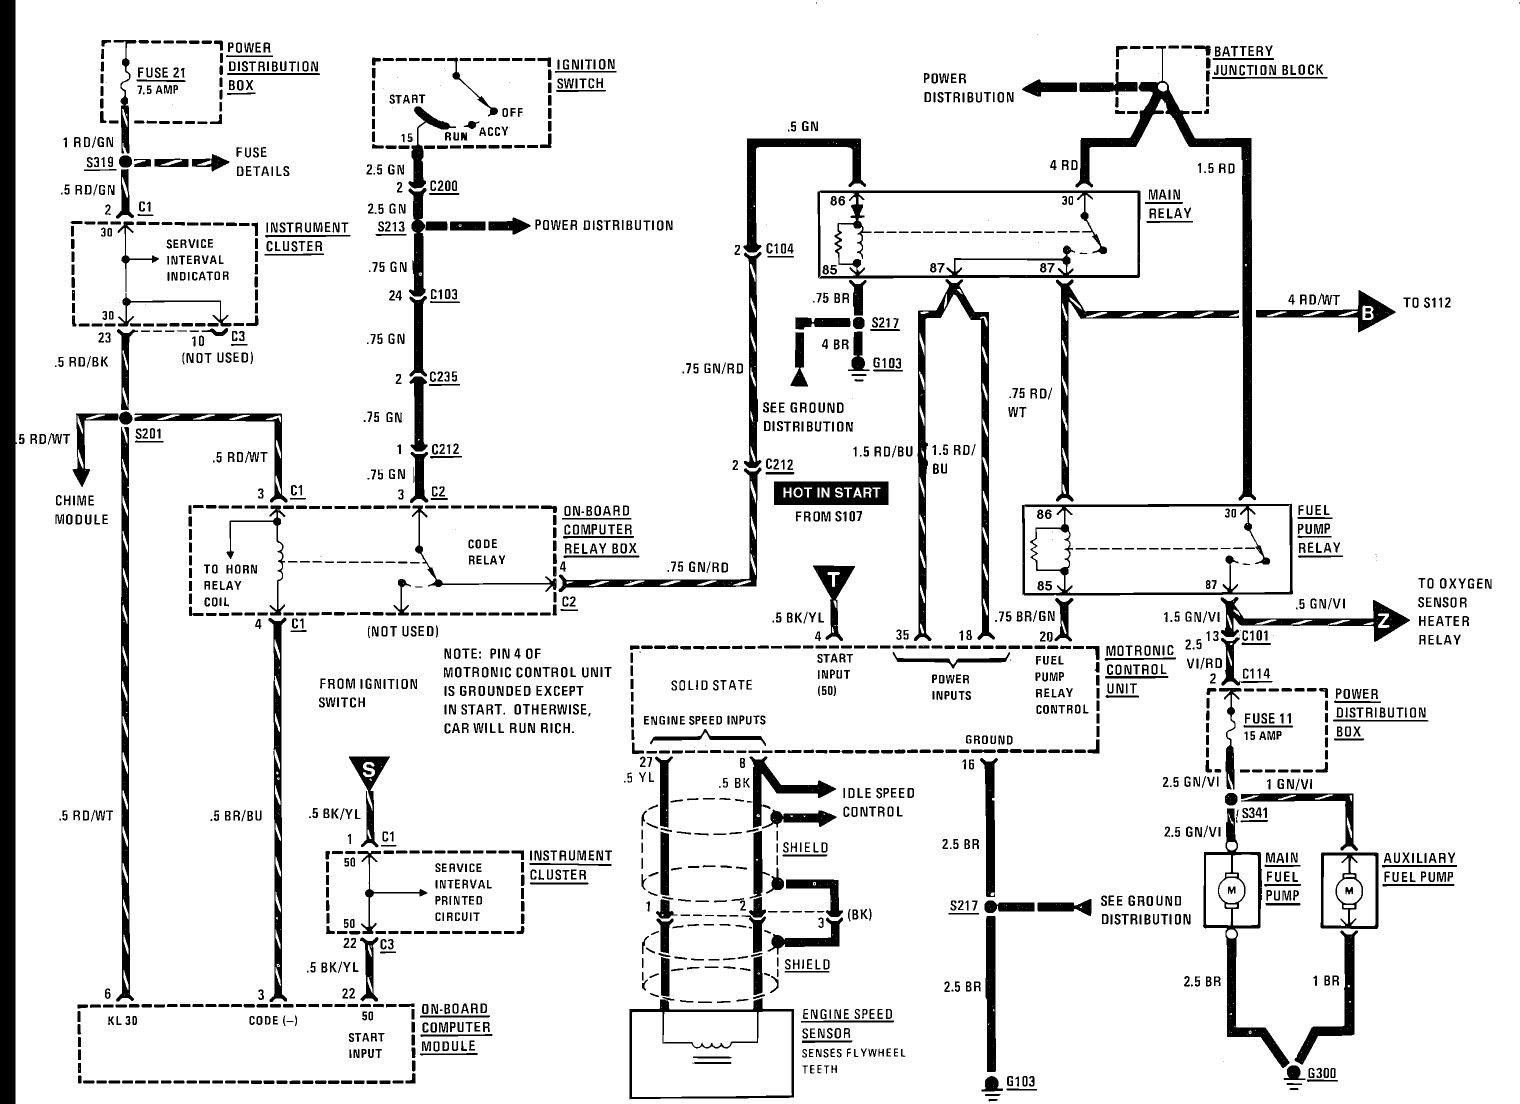 small resolution of bmw x5 wiring diagram 3 bmw x5 e53 3d pinterest bmw bmw x5 i rh pinterest com bmw x5 stereo wiring diagram bmw x5 trailer wiring diagram